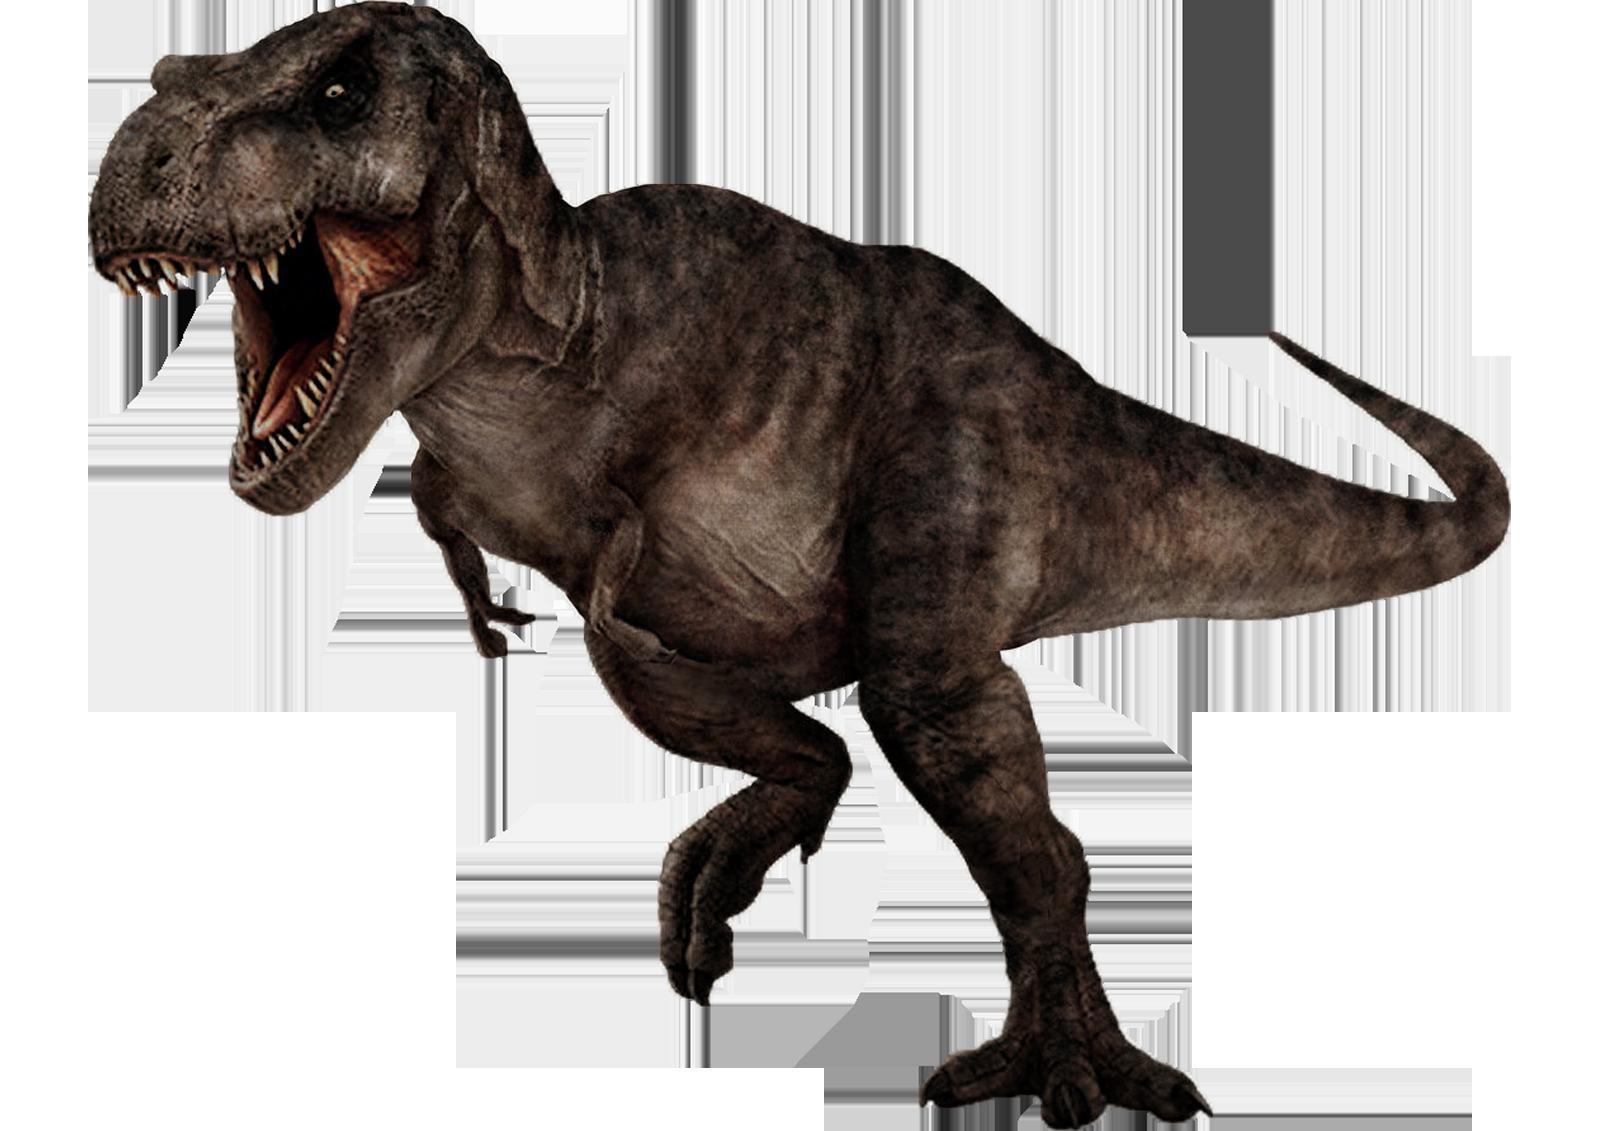 Tyrannosaurus Rex 2 By Darbarrrr On Deviantart